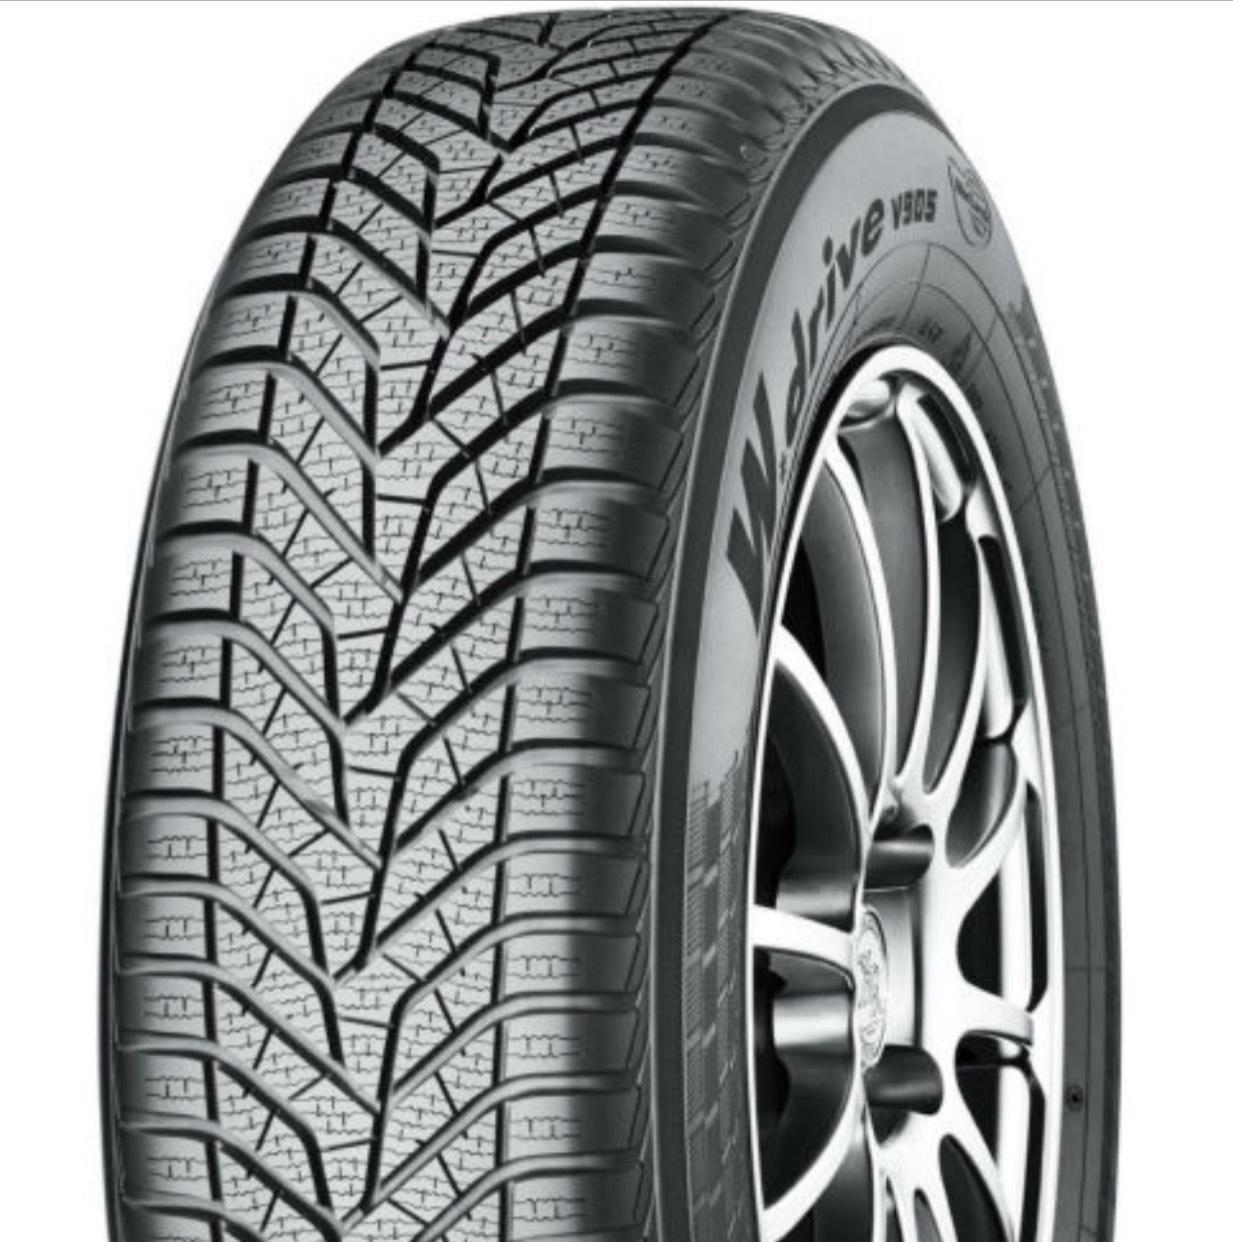 Yokohama Winter Drive V905 225/50/17 98 V XL RPB tyre - £75 @ Oponeo